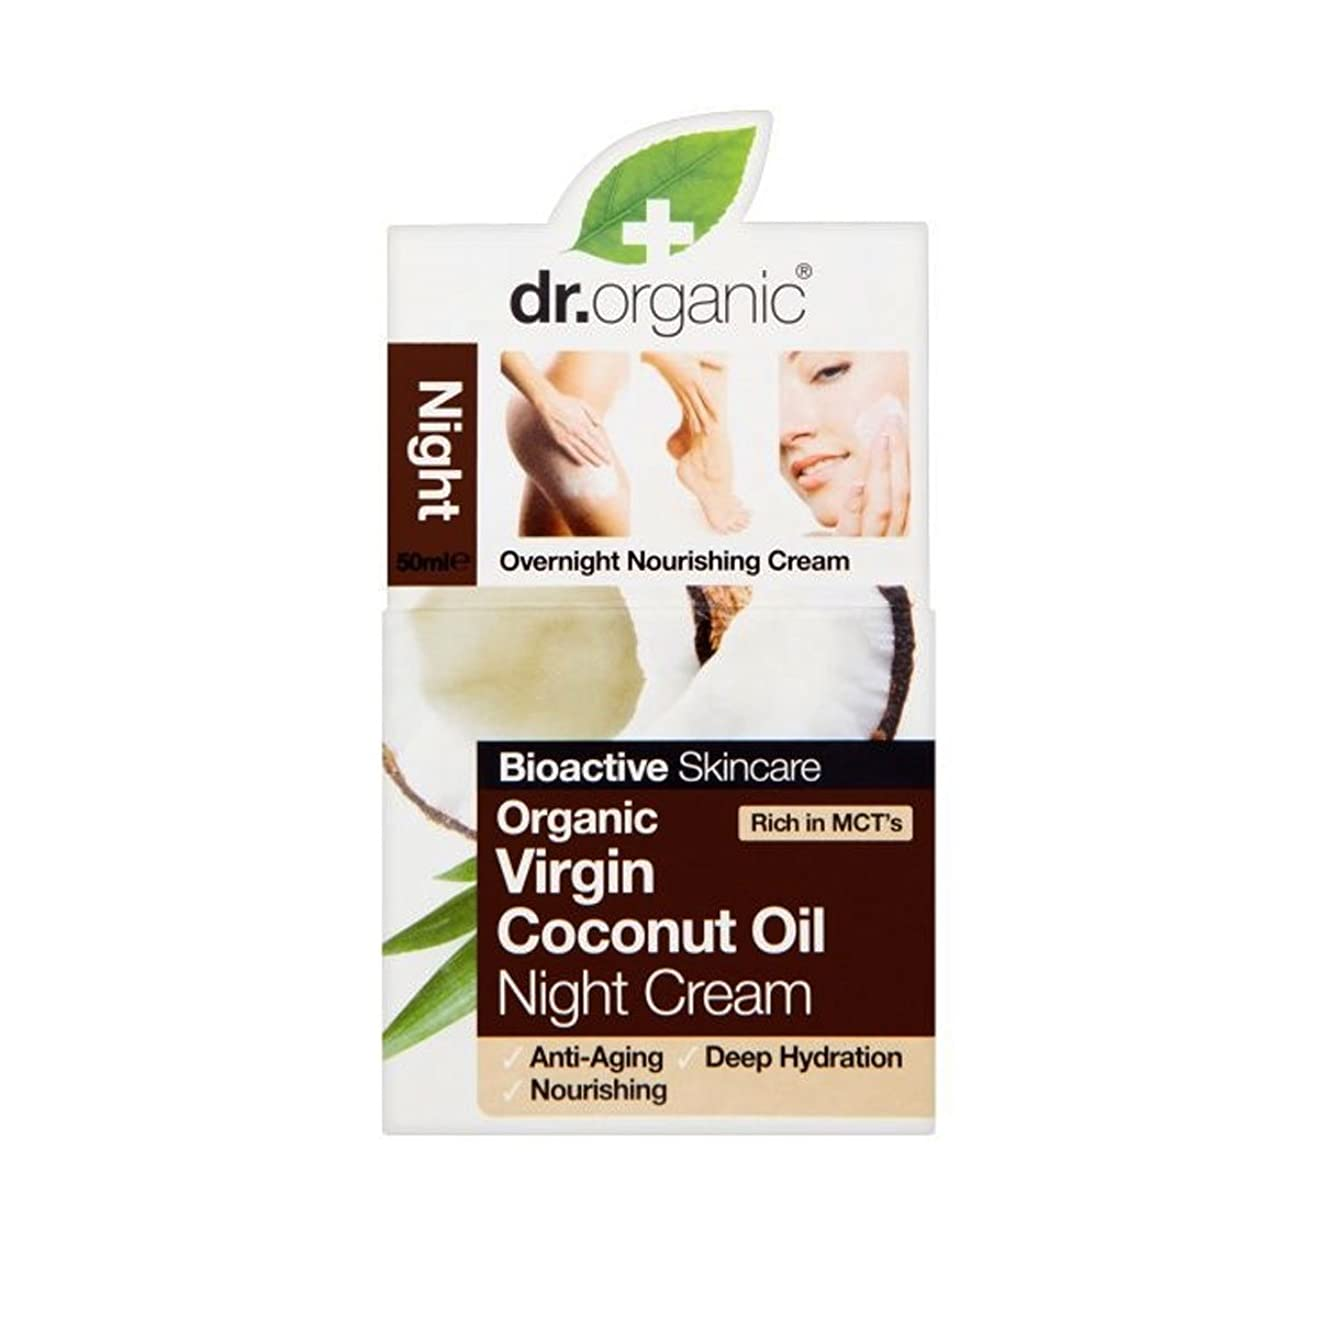 エステート楽観的対象Dr.organic Organic Virgin Coconut Oil Night Cream 50ml [並行輸入品]